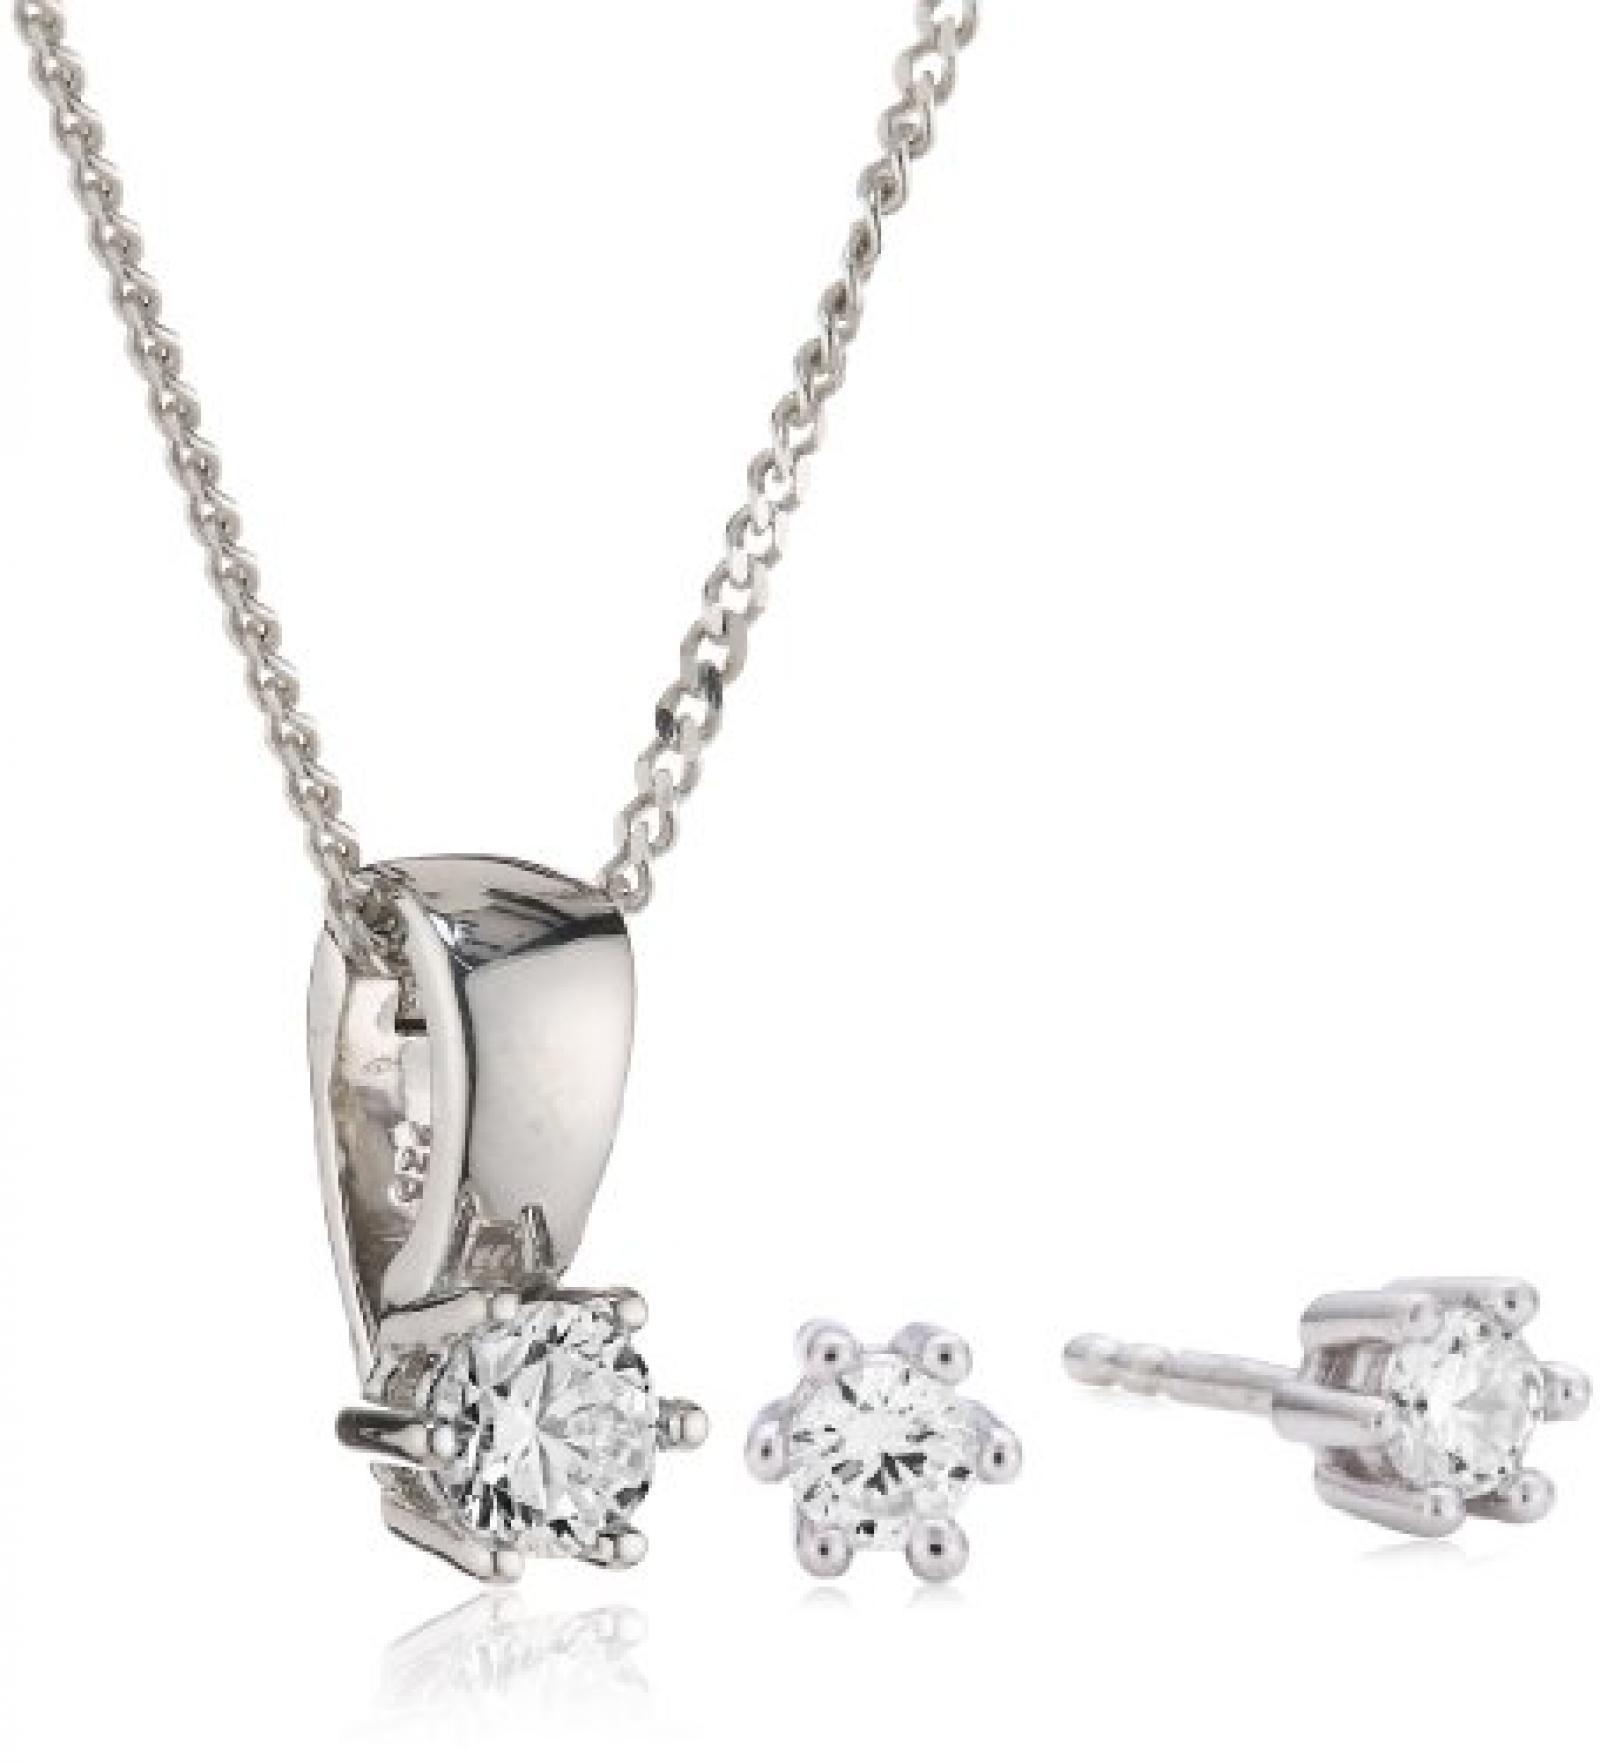 Celesta Damen-Set: Halskette + Ohrringe 925 Sterling Silber rhodiniert Zirkonia Celesta 42 cm weiß 500201435-42